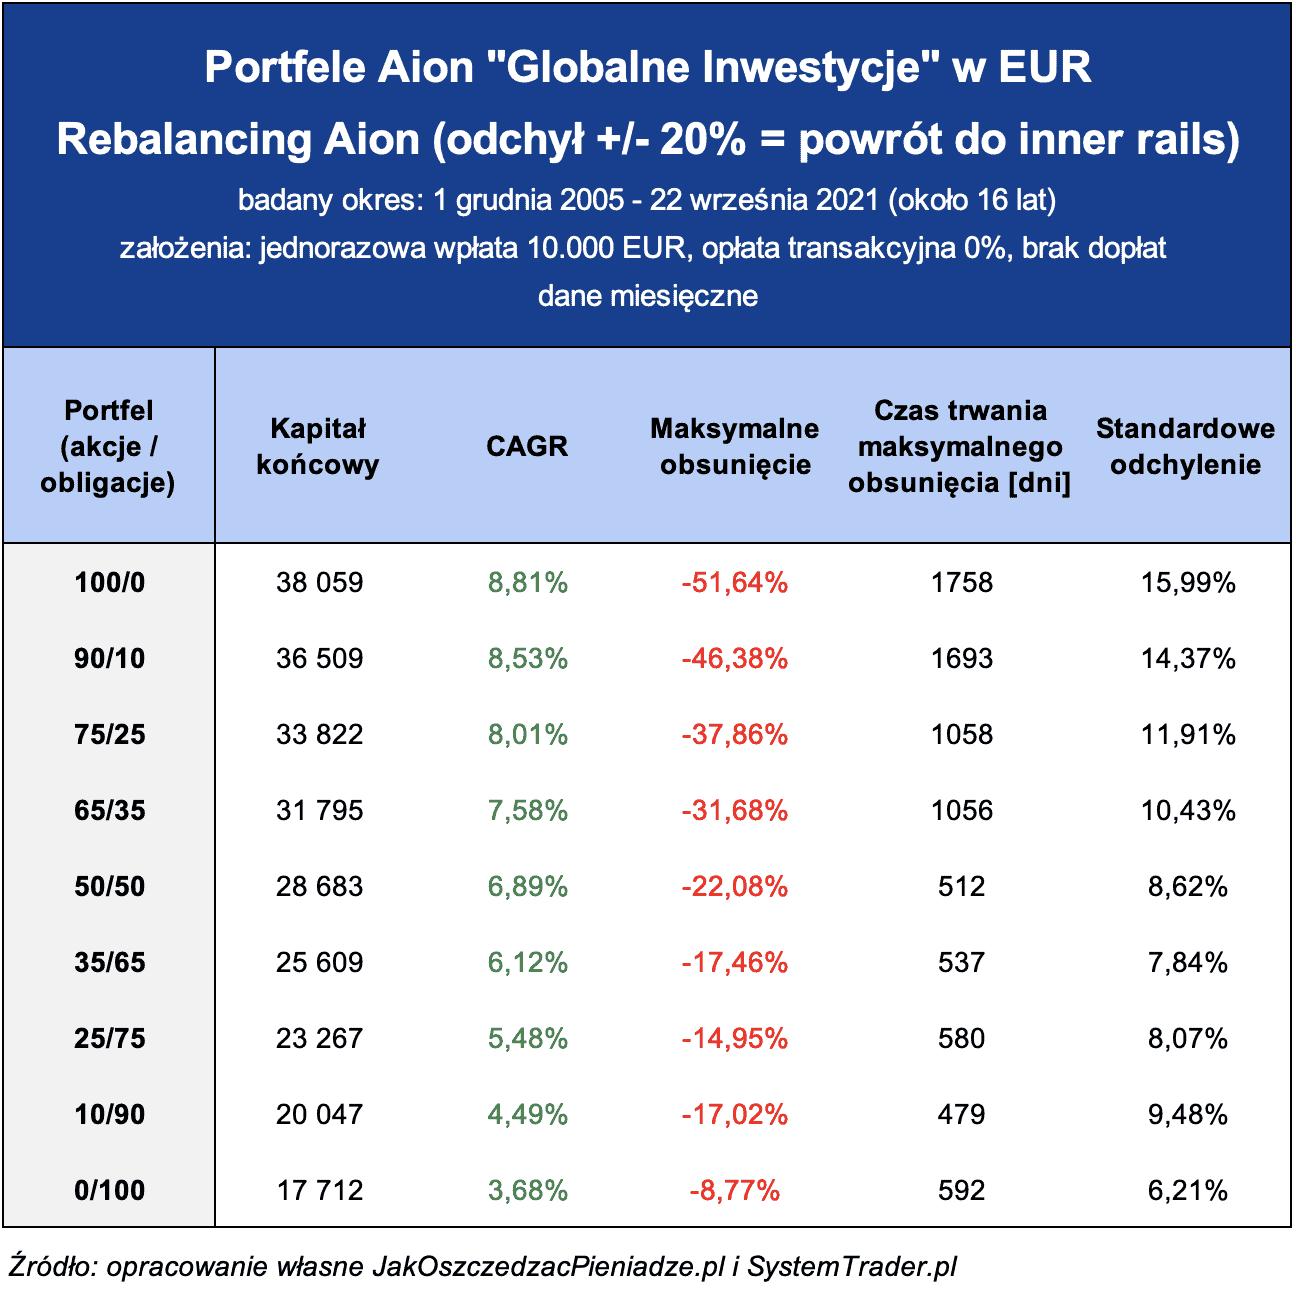 Aion Globalne Inwestycje EUR